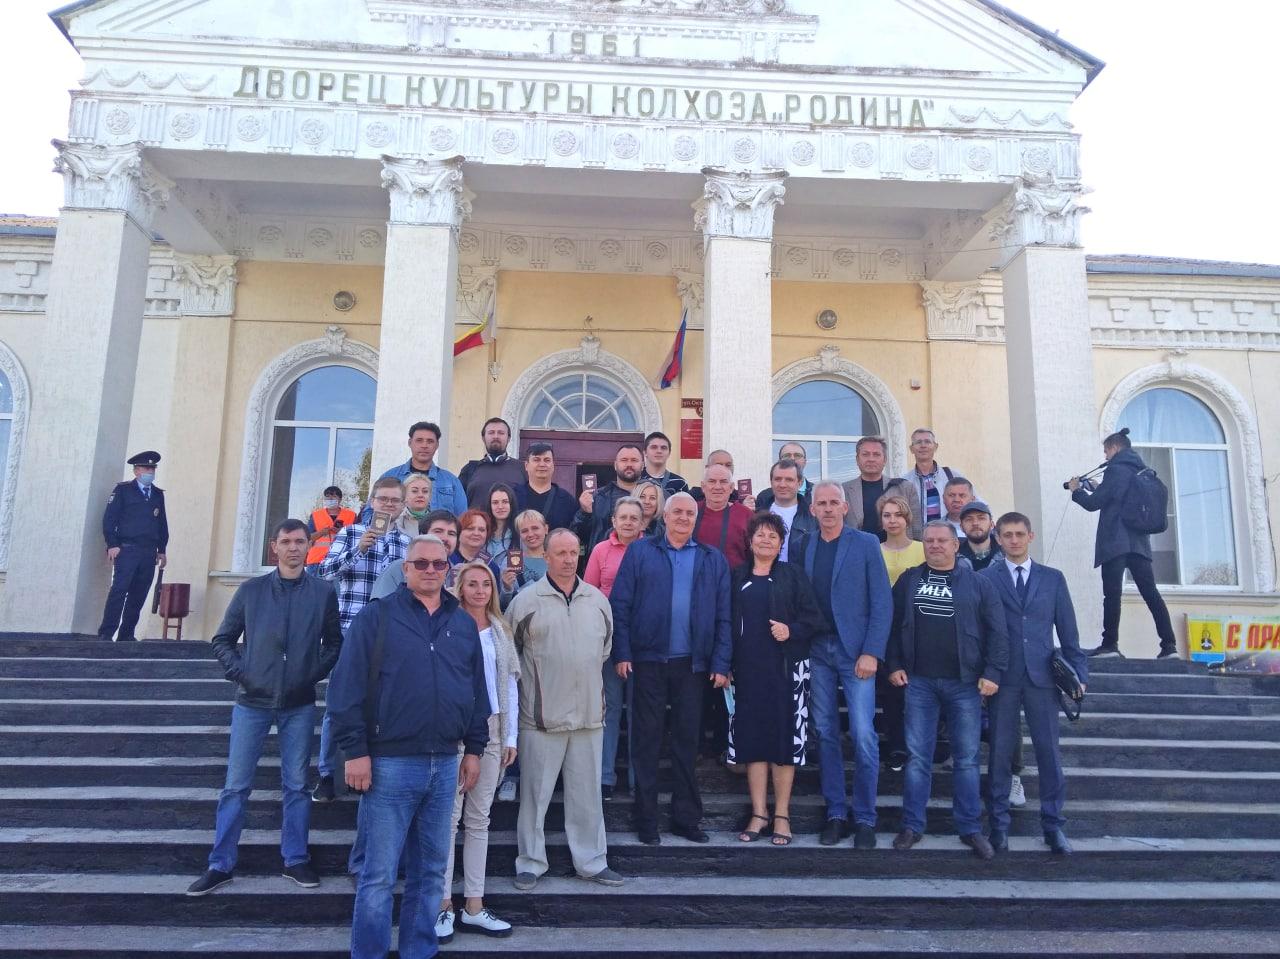 Депутаты НС ДНР проголосовали в Ростовской области